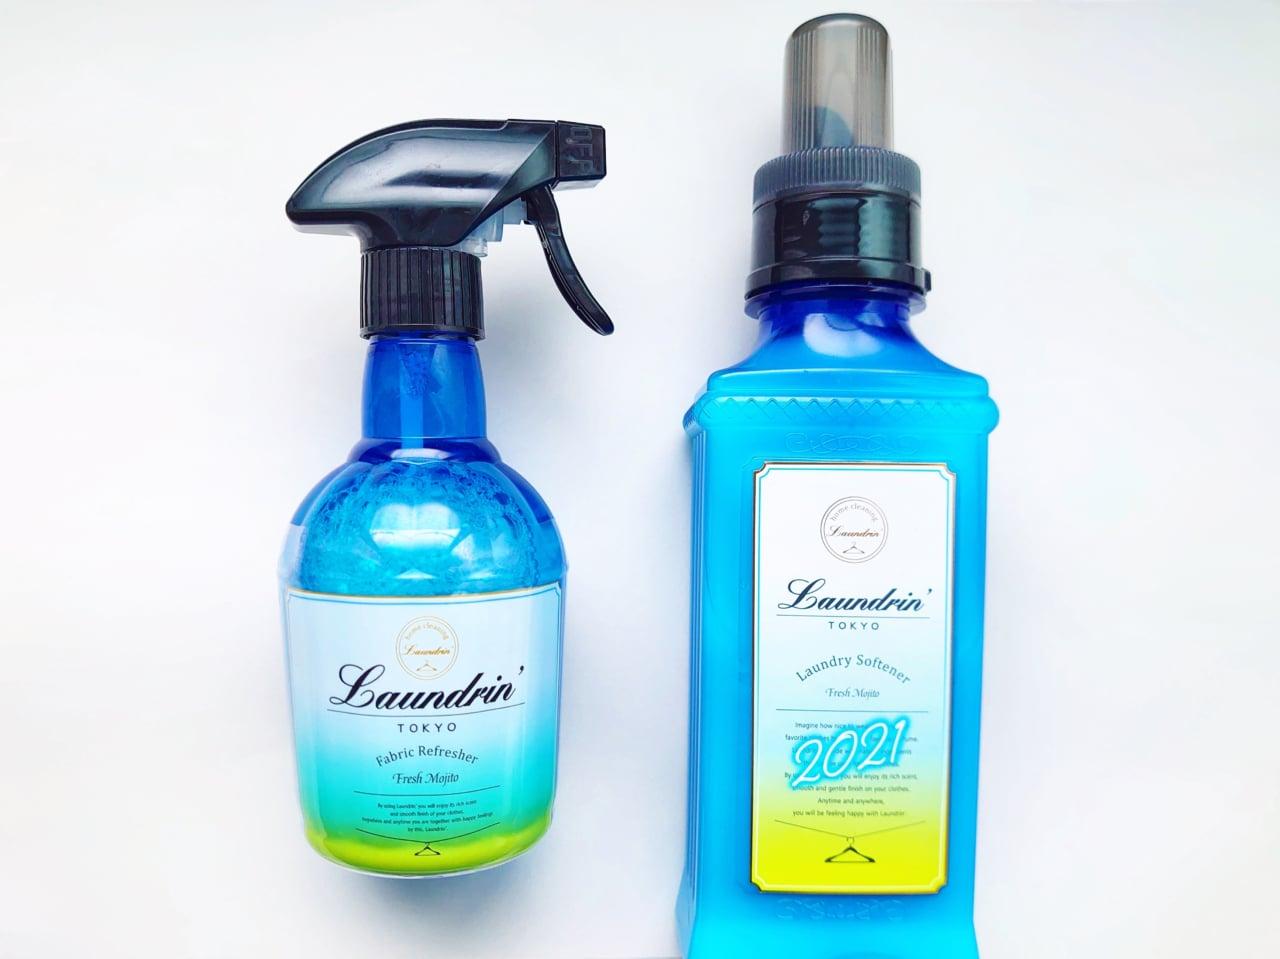 ランドリン フレッシュモヒートの香り 柔軟剤 ファブリックミスト